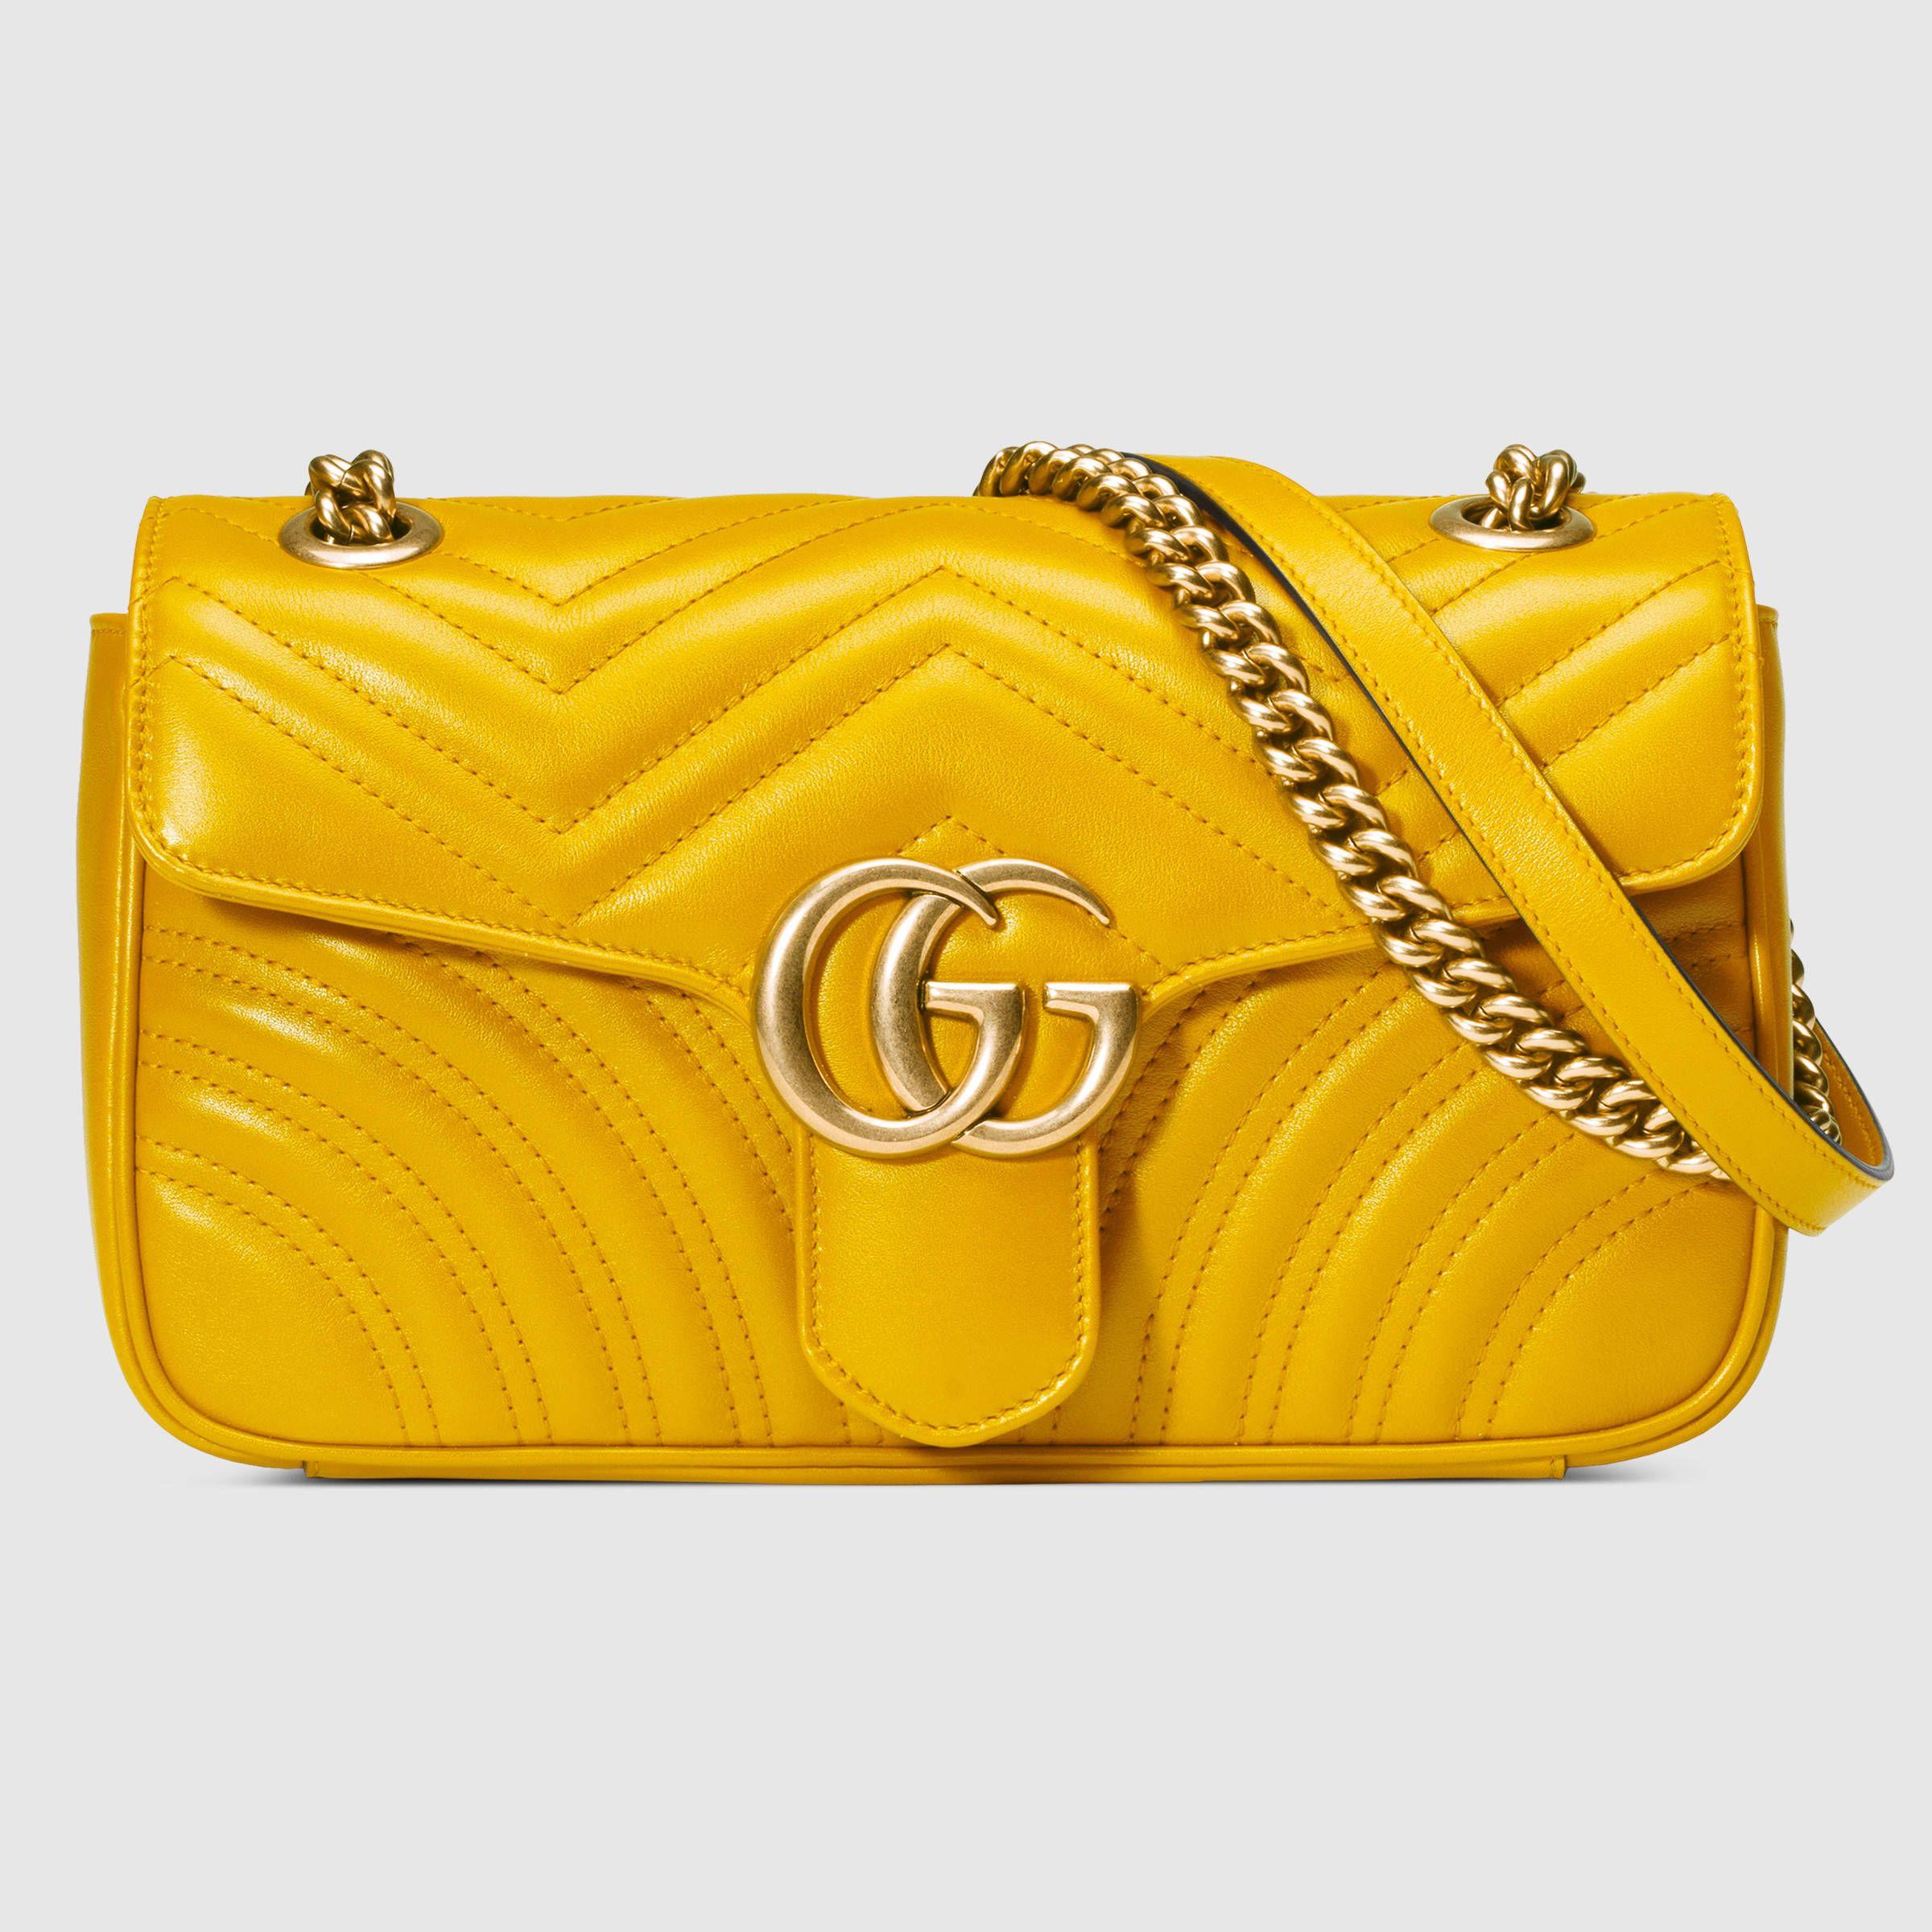 03e1237e695 Gg Marmont Matelassé Shoulder Bag Gucci Women S Bags